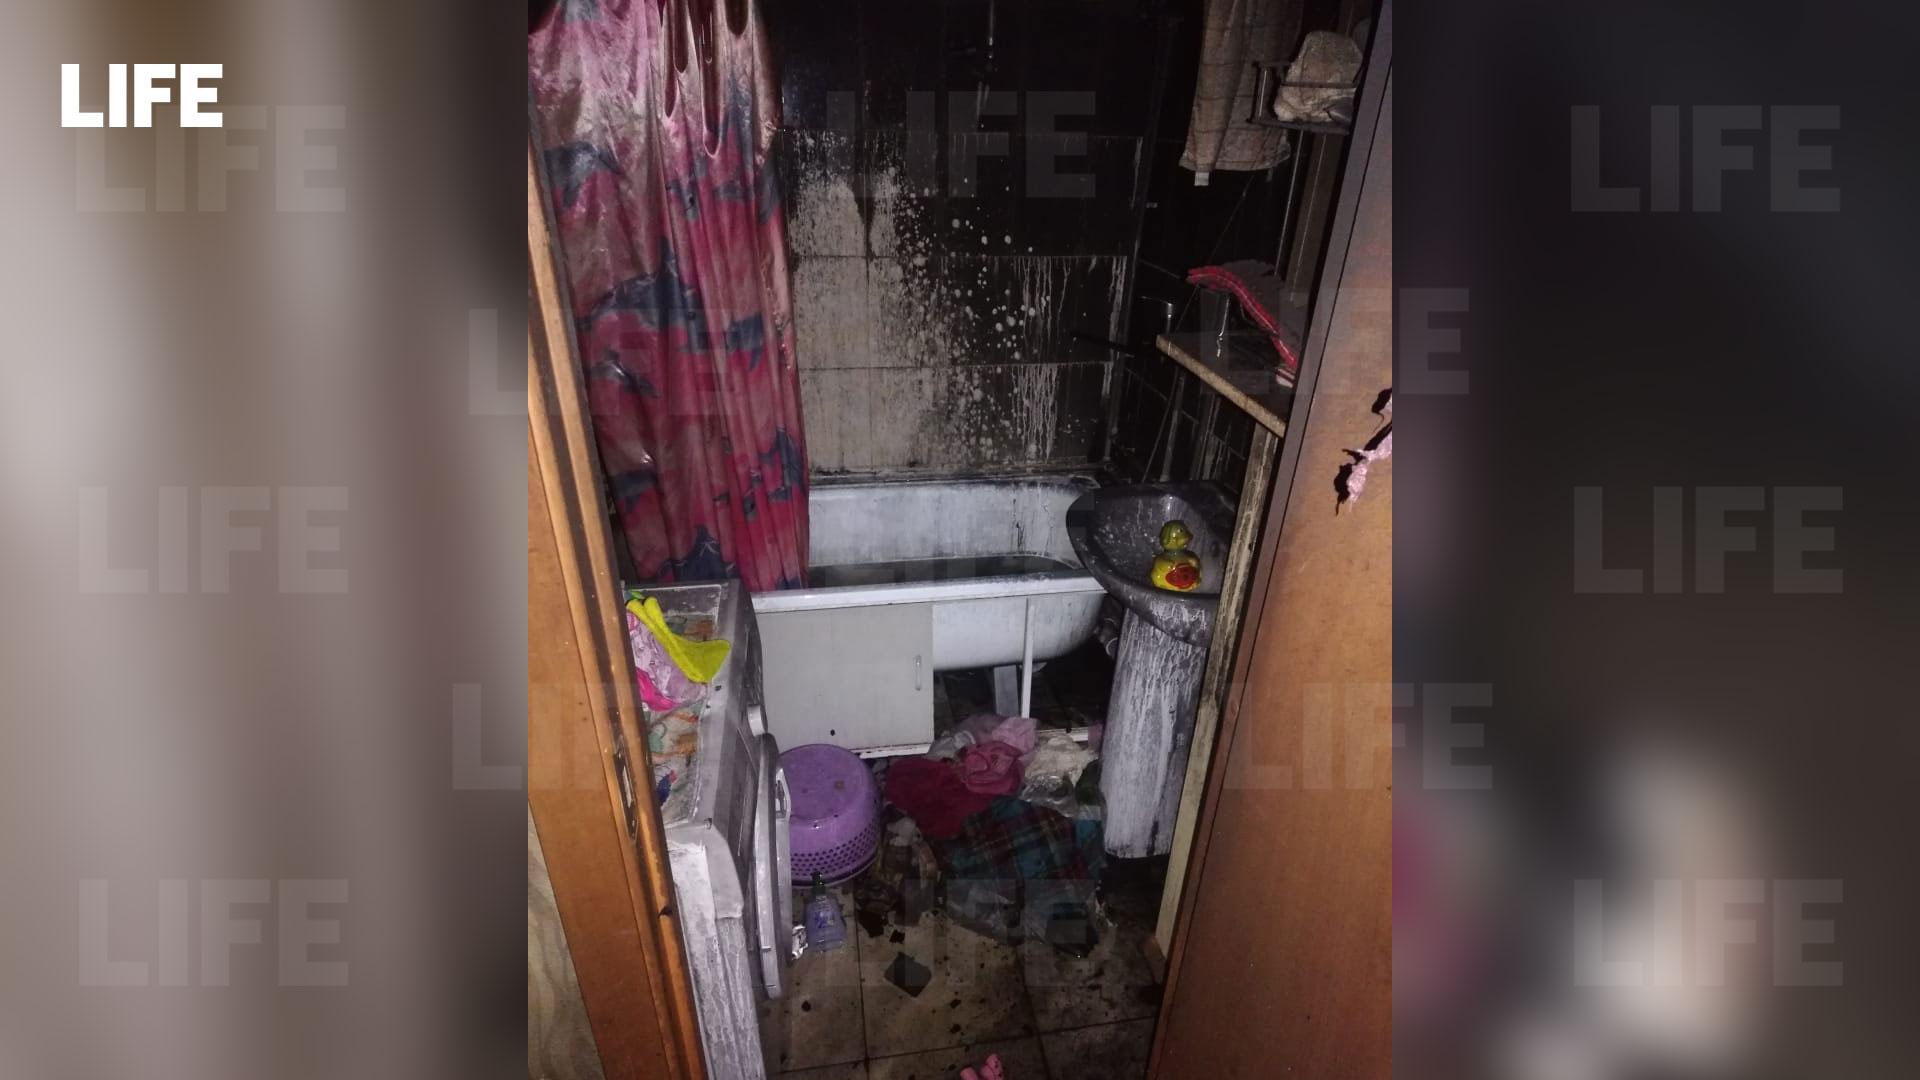 Фото c места происшествия Лайфу прислал гражданский журналист через приложение LiveCorr (доступно на Android и iOS)